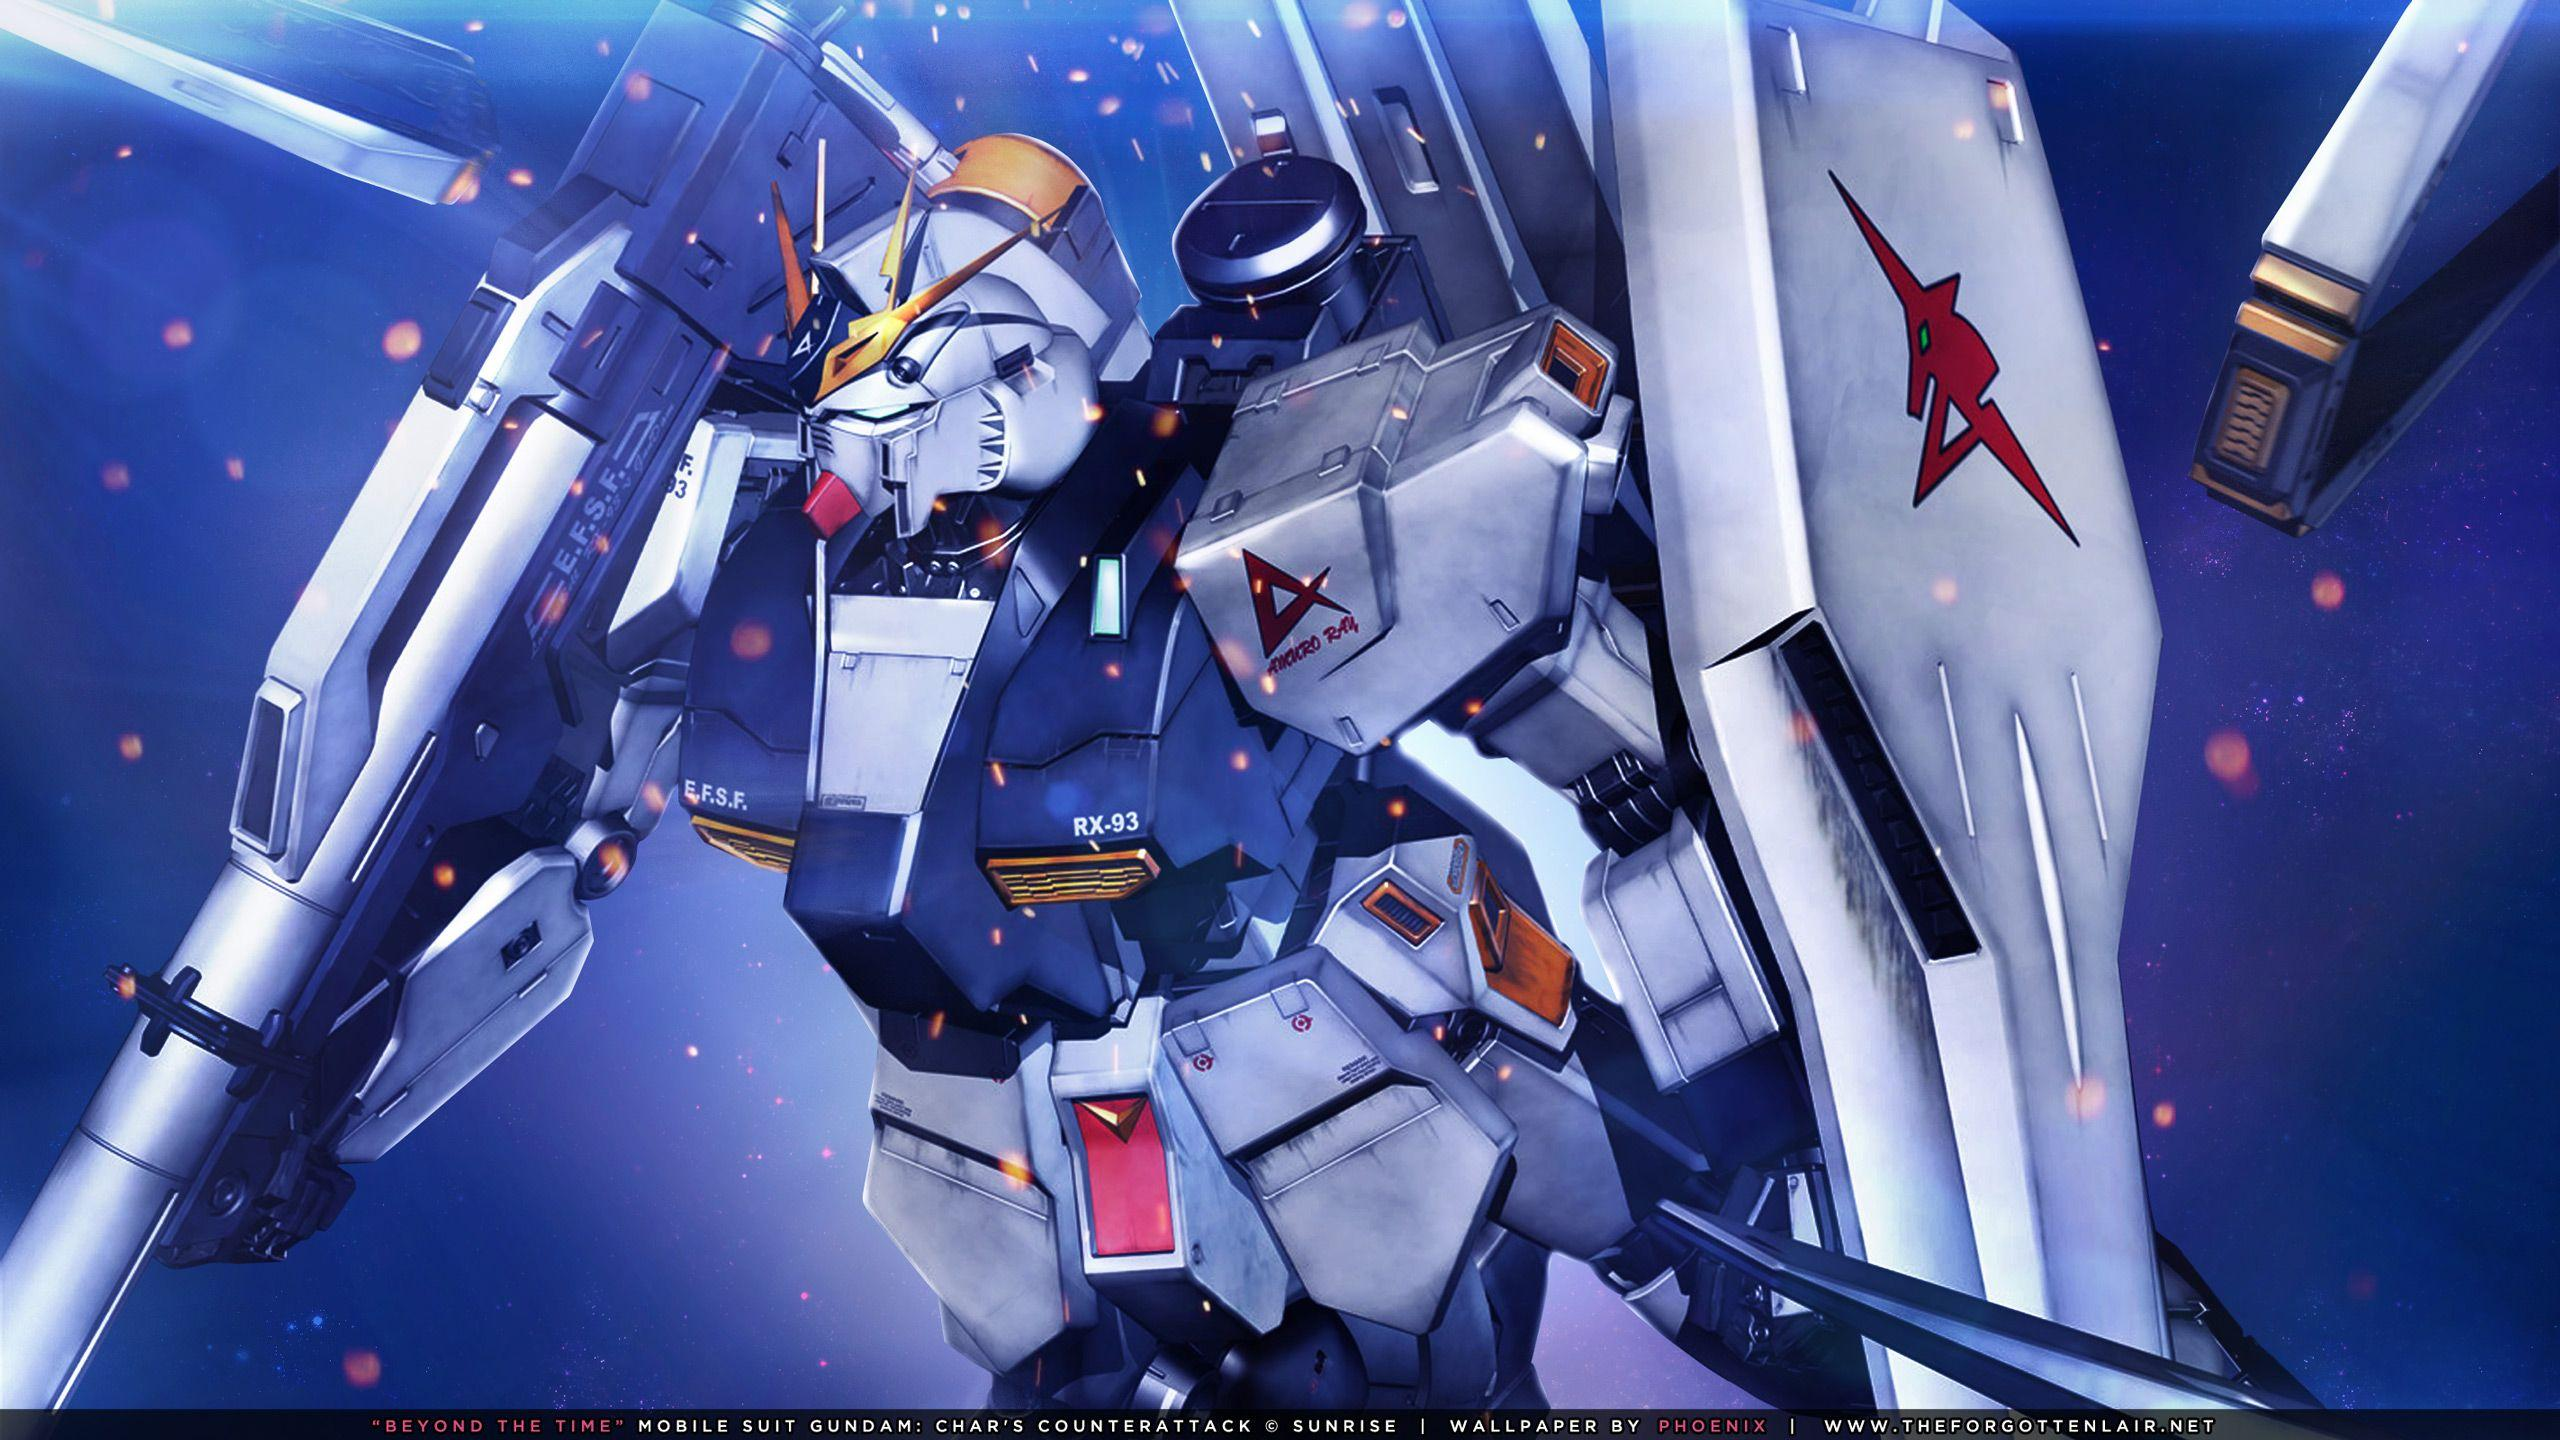 Mobile Suit Gundam Wallpapers - Wallpaper Cave